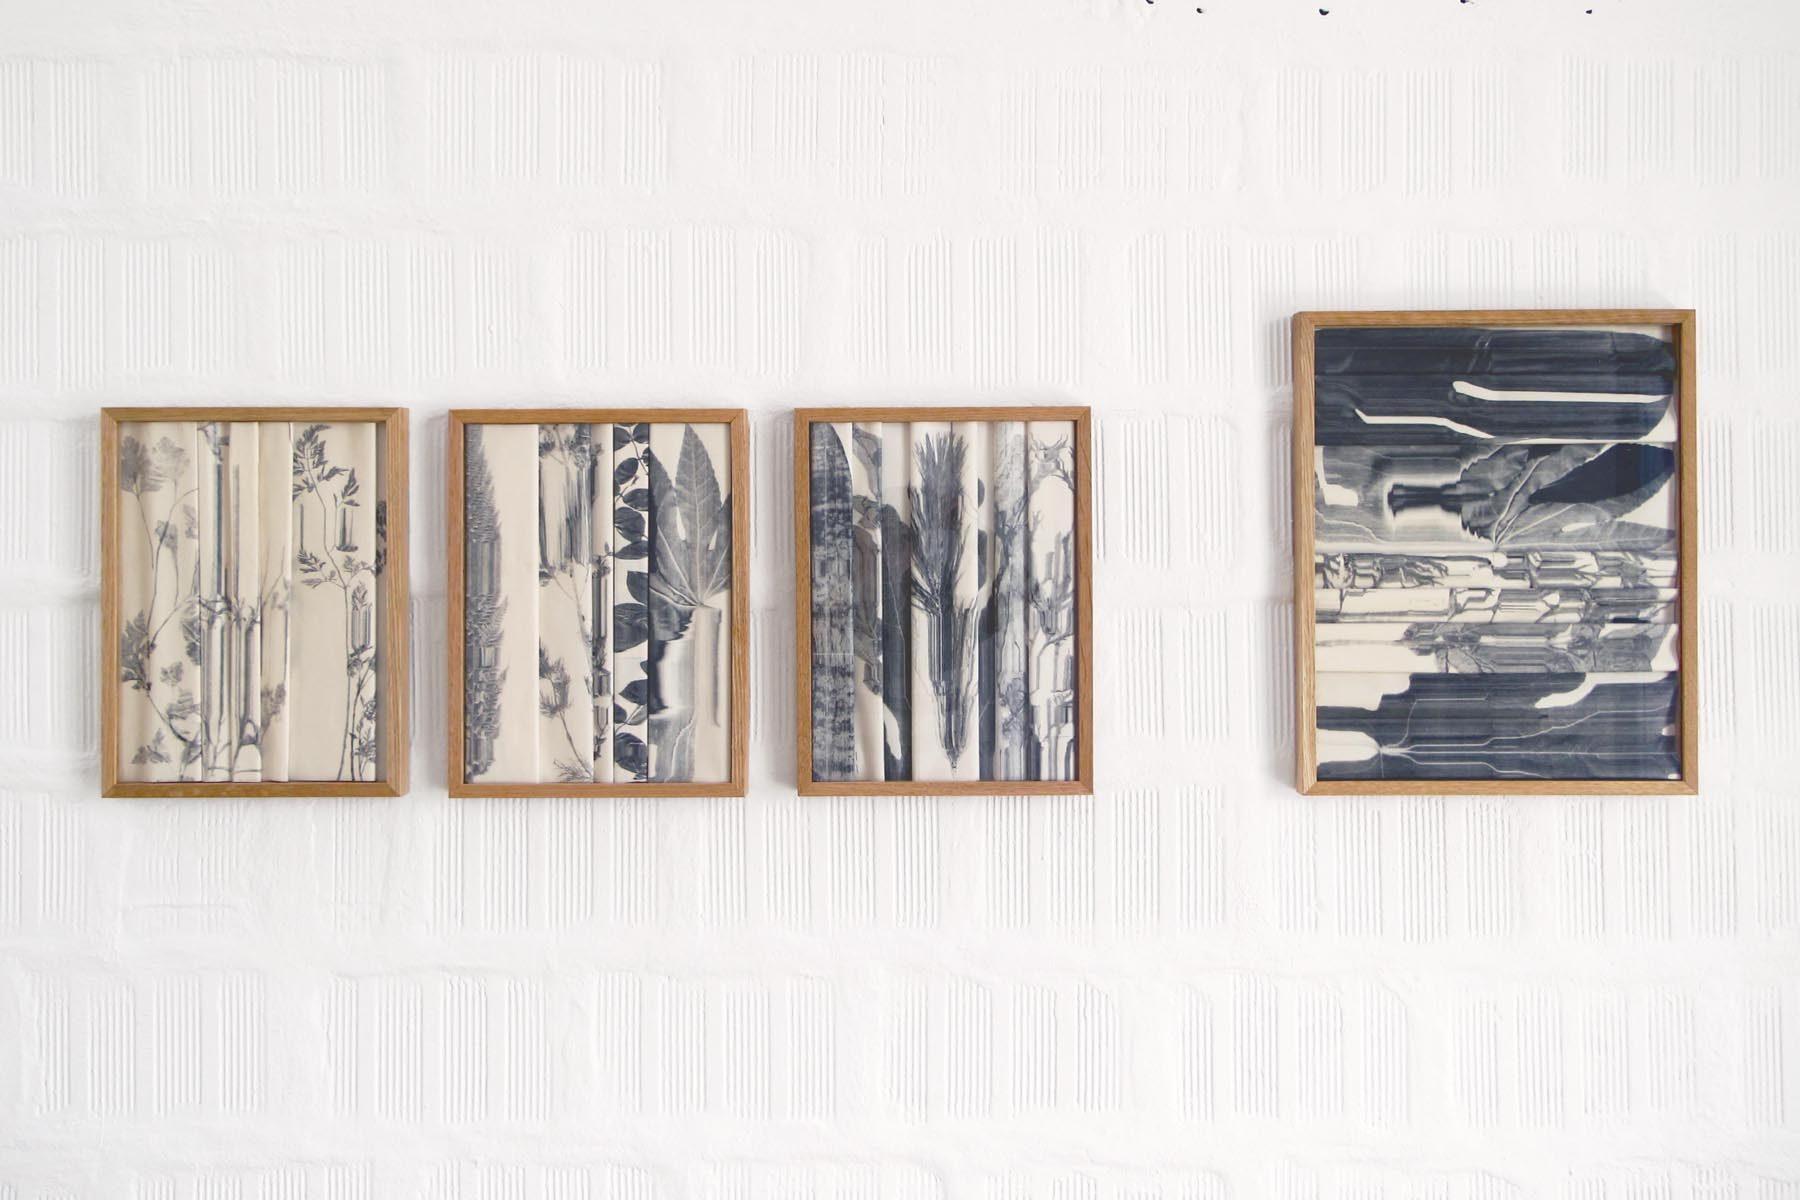 Entrare nell'opera, exhibition view, Galleria Massimodeluca (03)